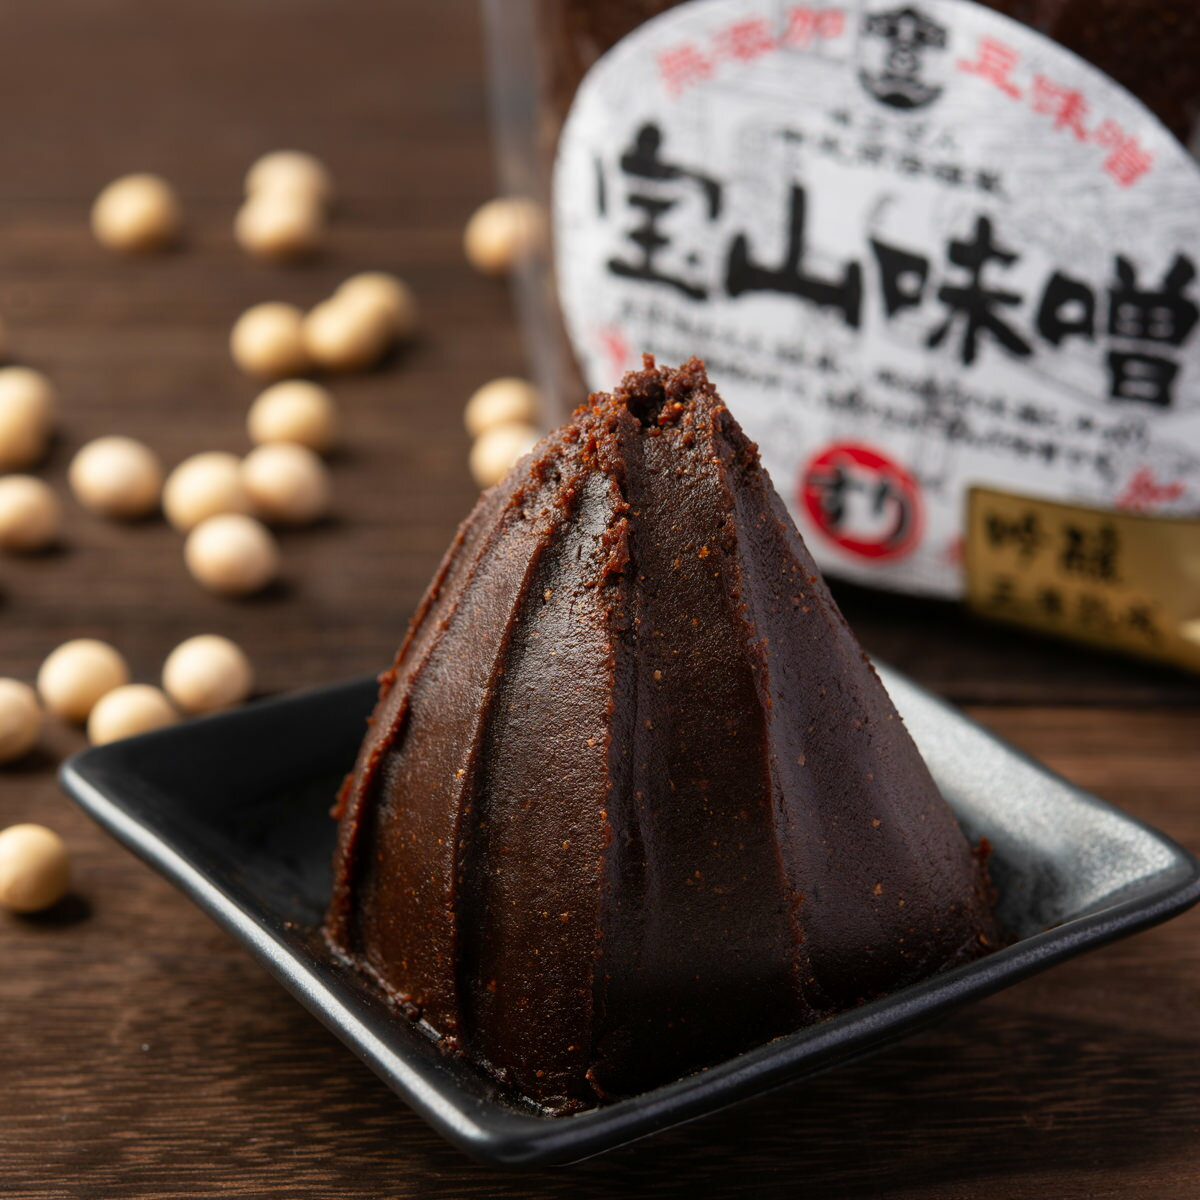 宝山味噌 豆味噌